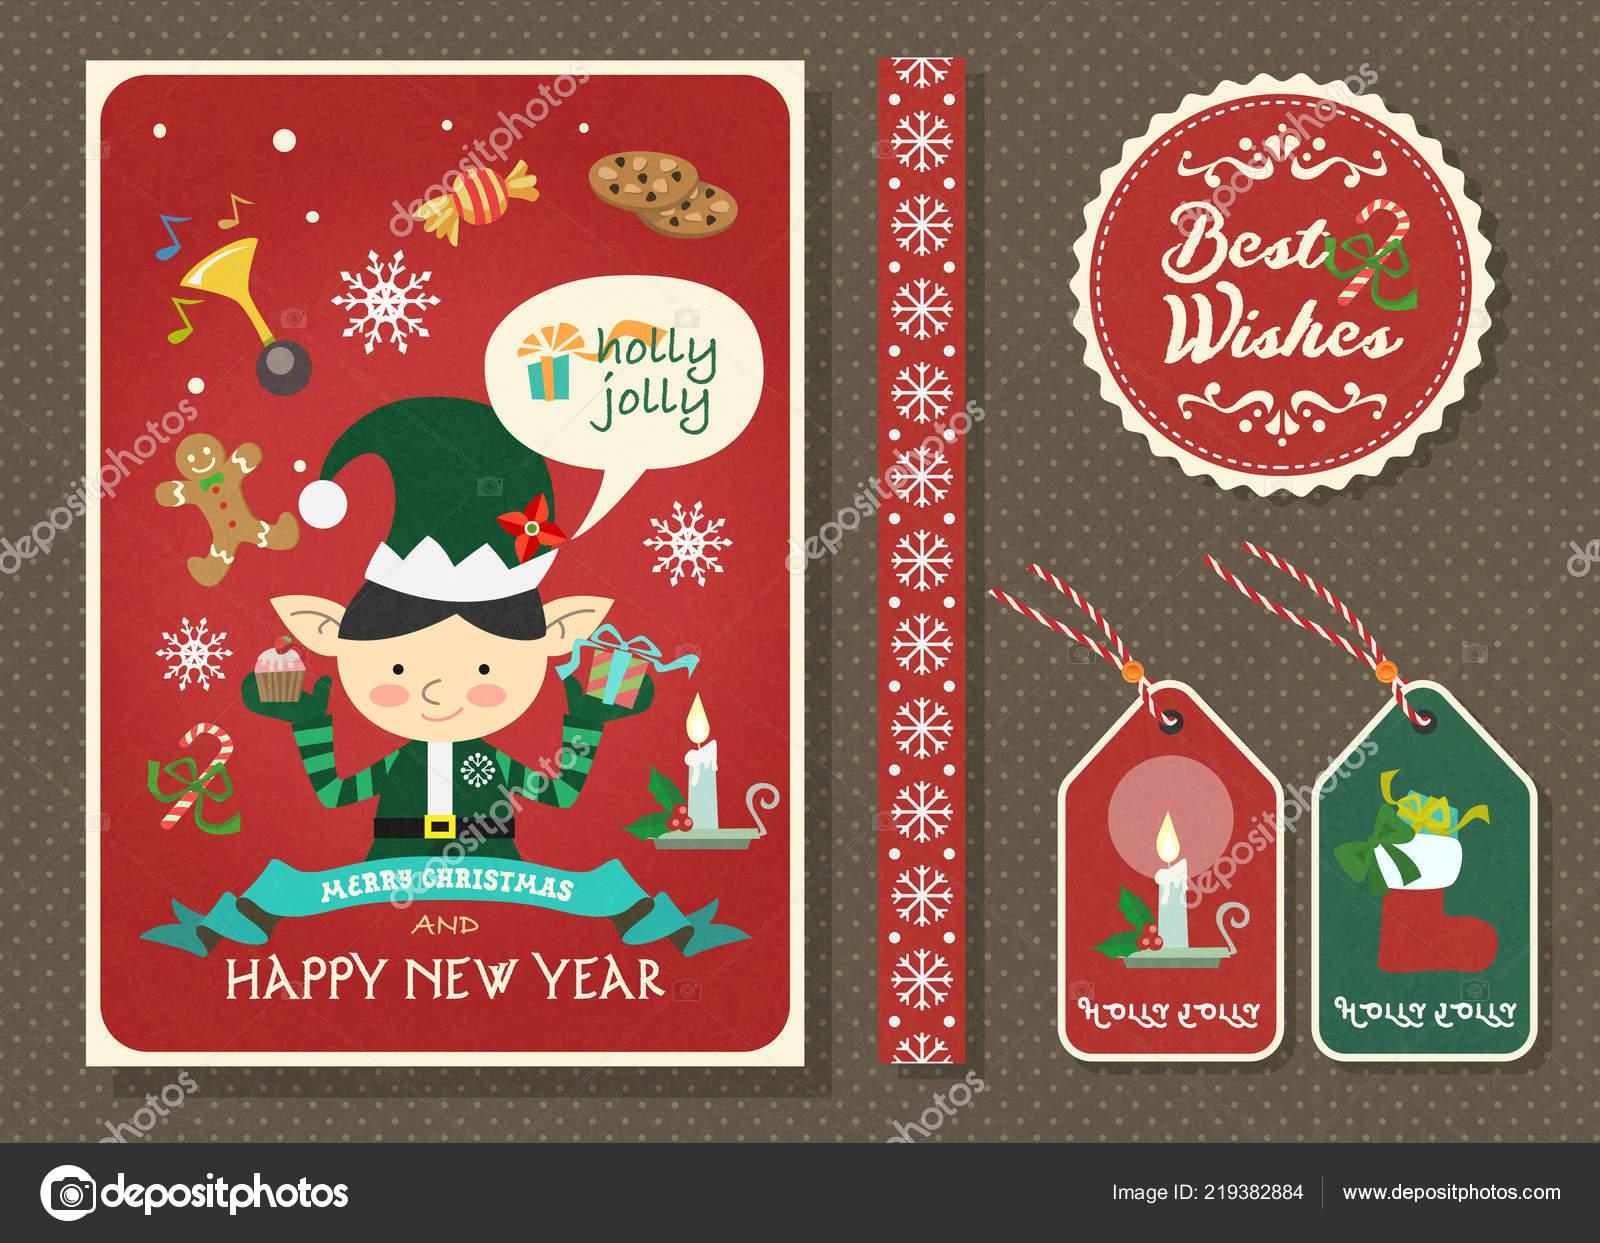 Buon natale felice anno nuovo vettore cartolina auguri con